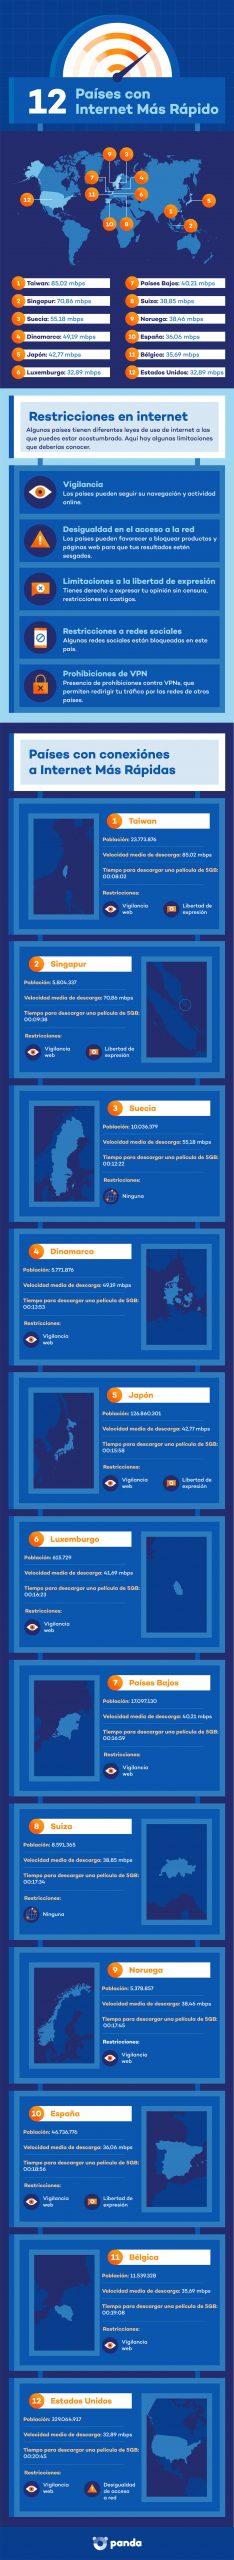 países internet más rápido